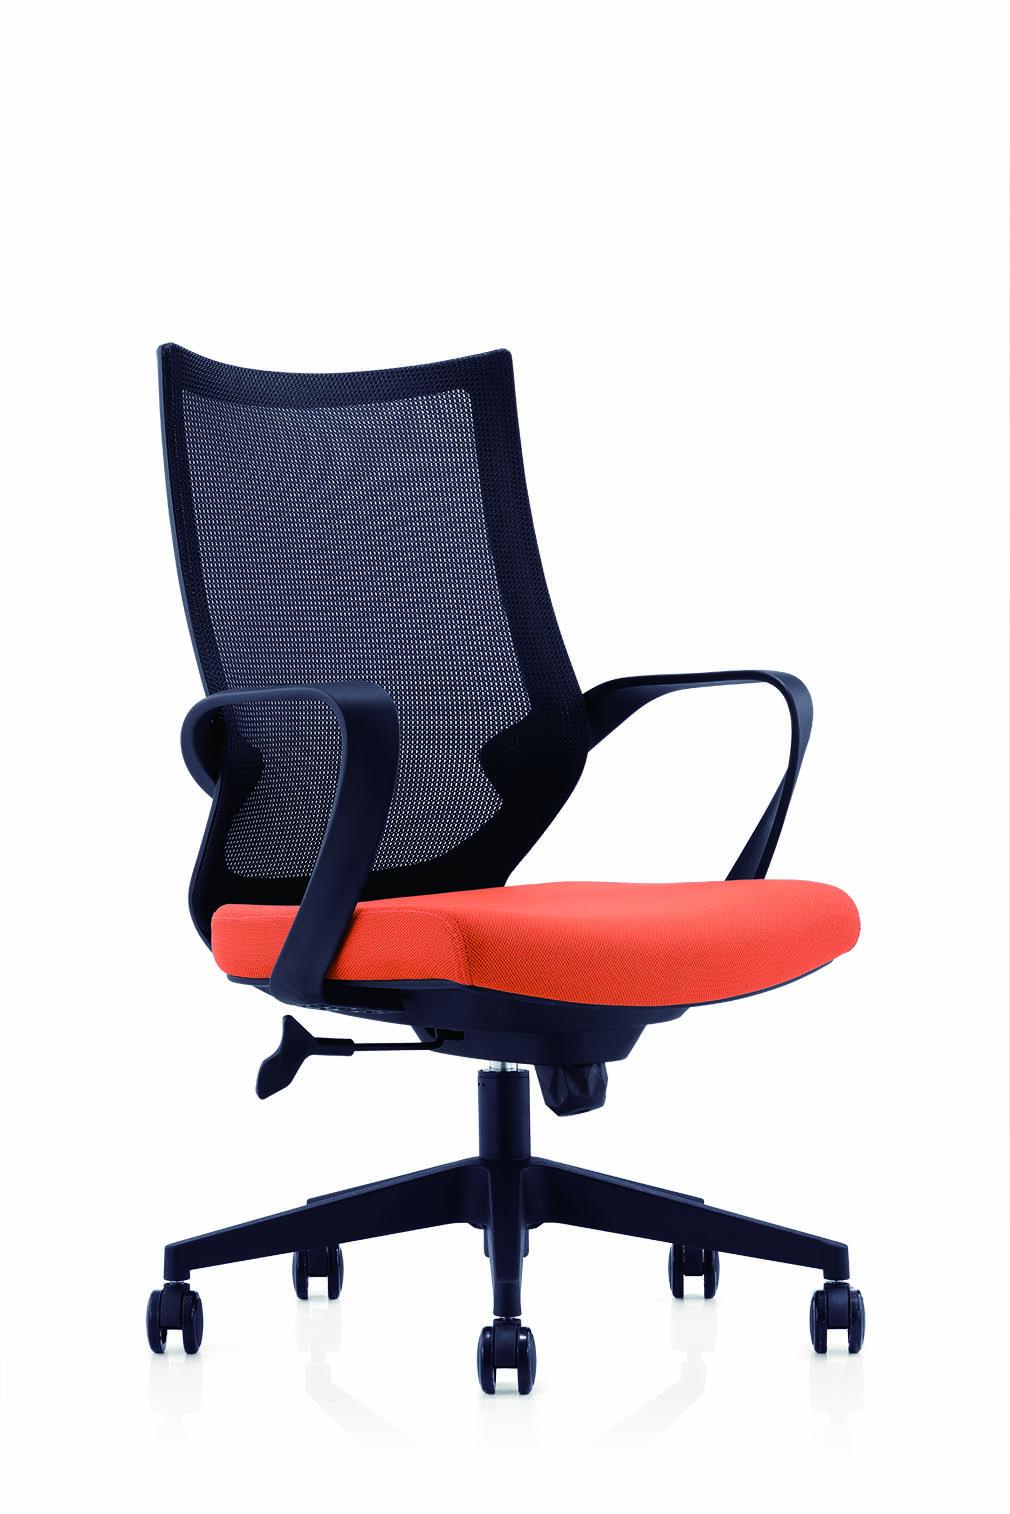 Scaun de birou ergonomic Novo S193